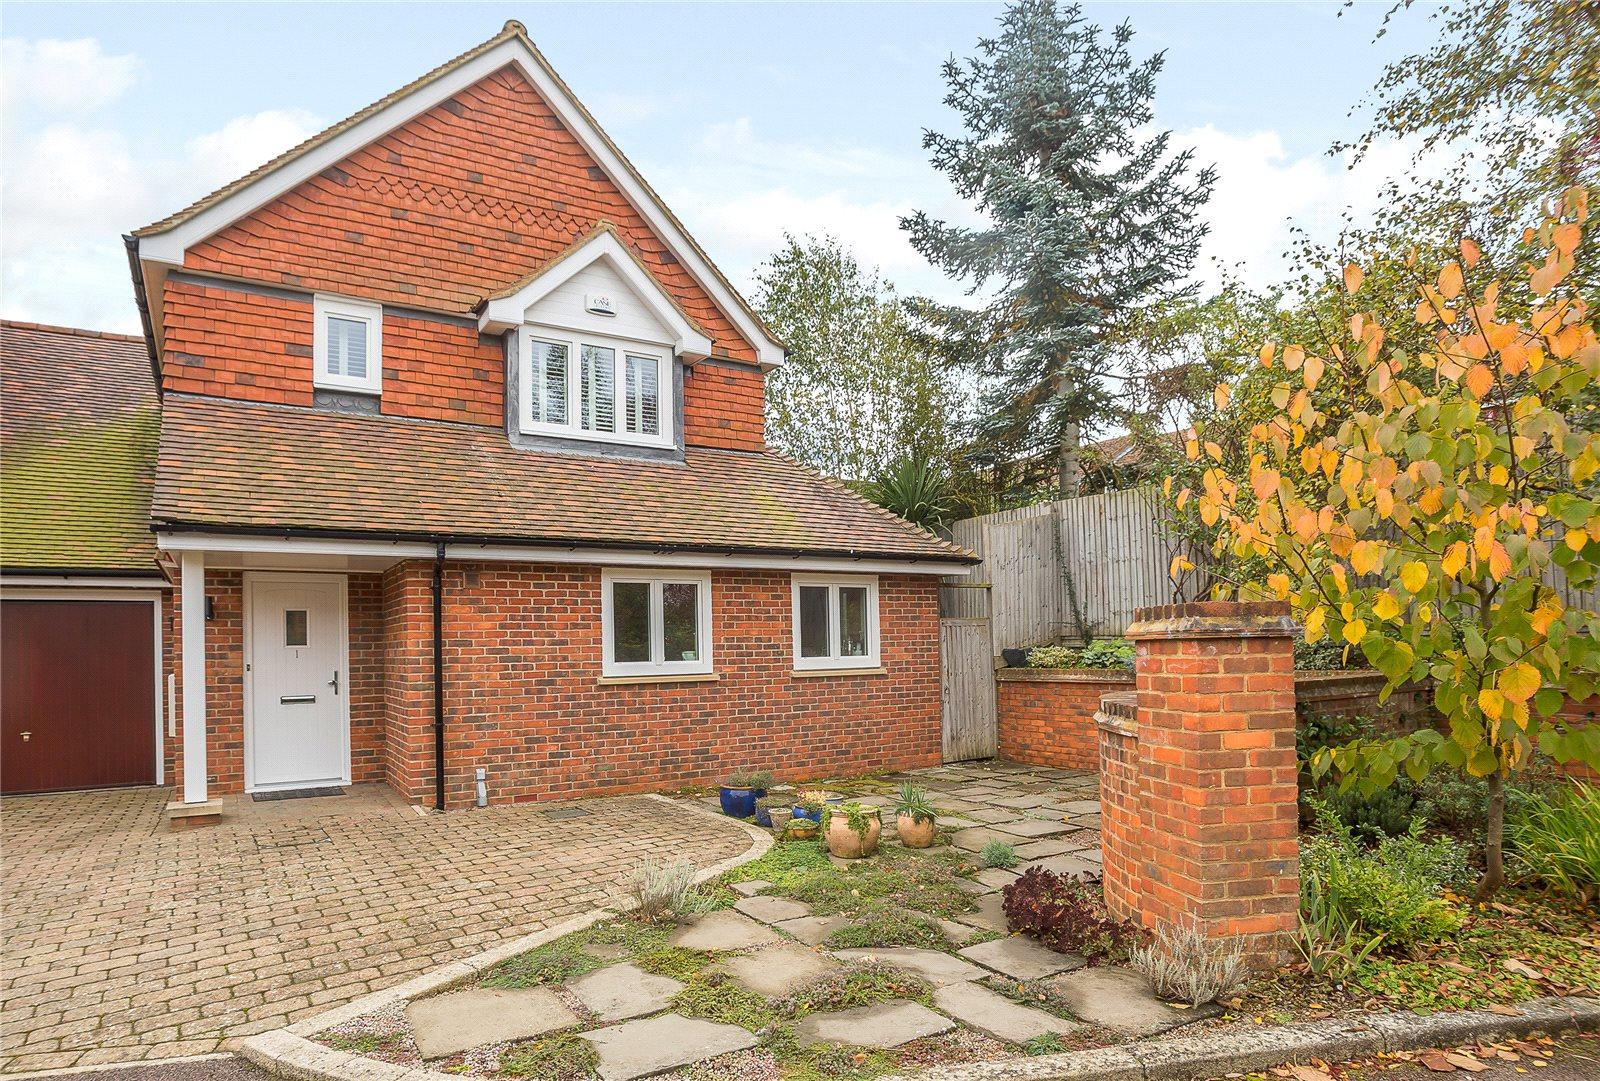 一戸建て のために 売買 アット The Bourne, Salisbury Avenue, Harpenden, Hertfordshire, AL5 Harpenden, イギリス